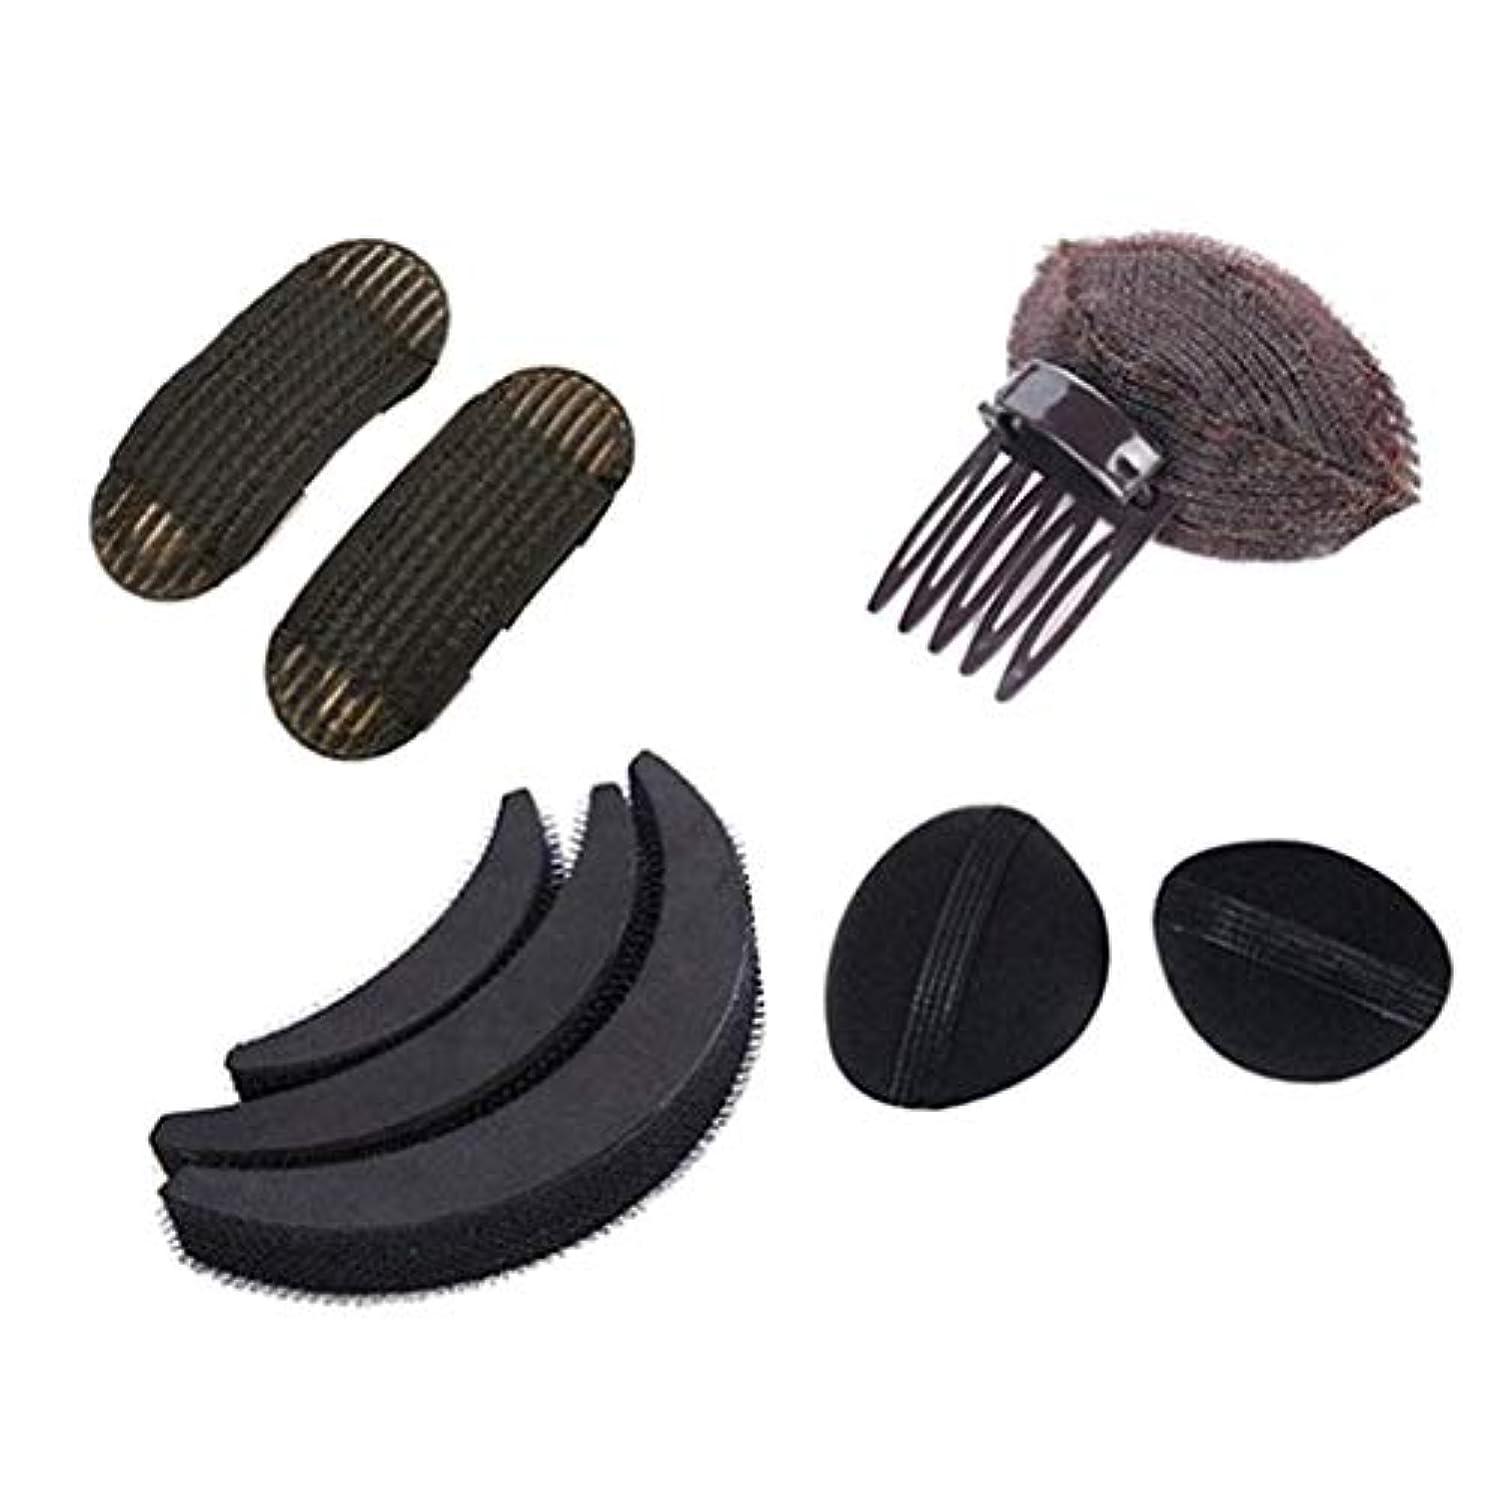 夢問題レジデンス女の子 ヘアスタイルツールキット ヘアスタイリング 髪型作成ツール ヘアステッカー 4種類 - B